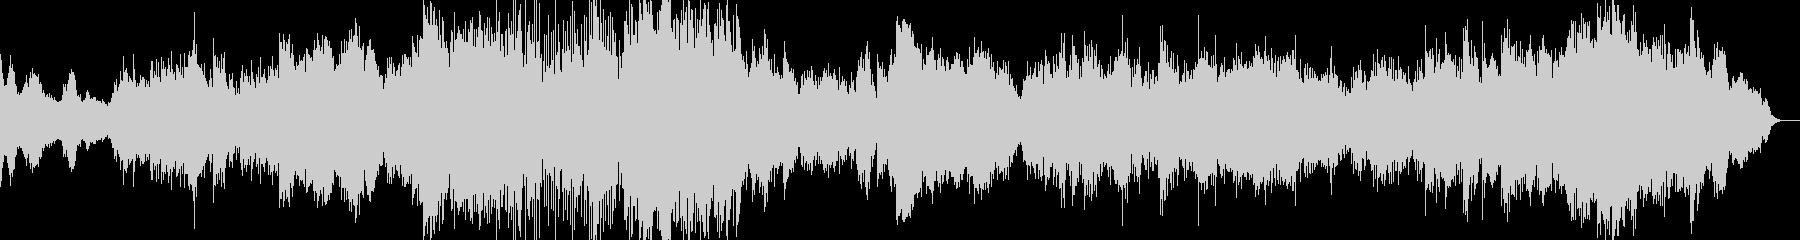 かっこいいシネマ音楽に仕上げましたの未再生の波形